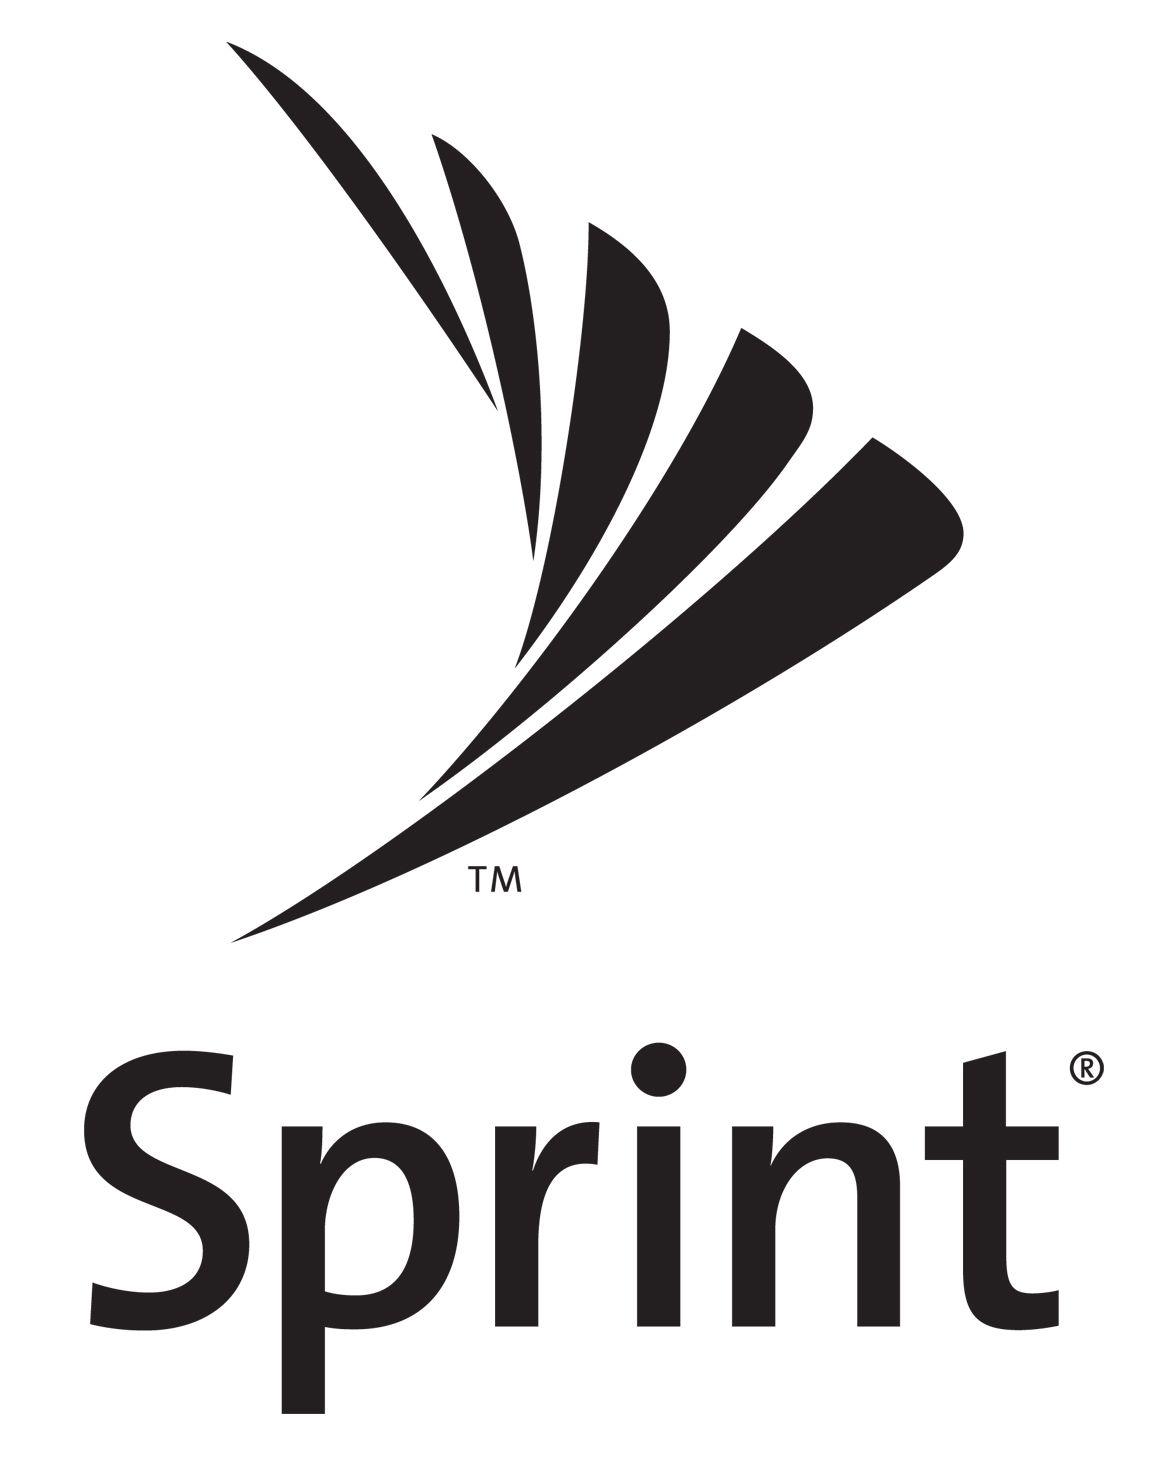 Sprint 364 S La Cienega Blvd West Hollywood Ca 310 360 6727